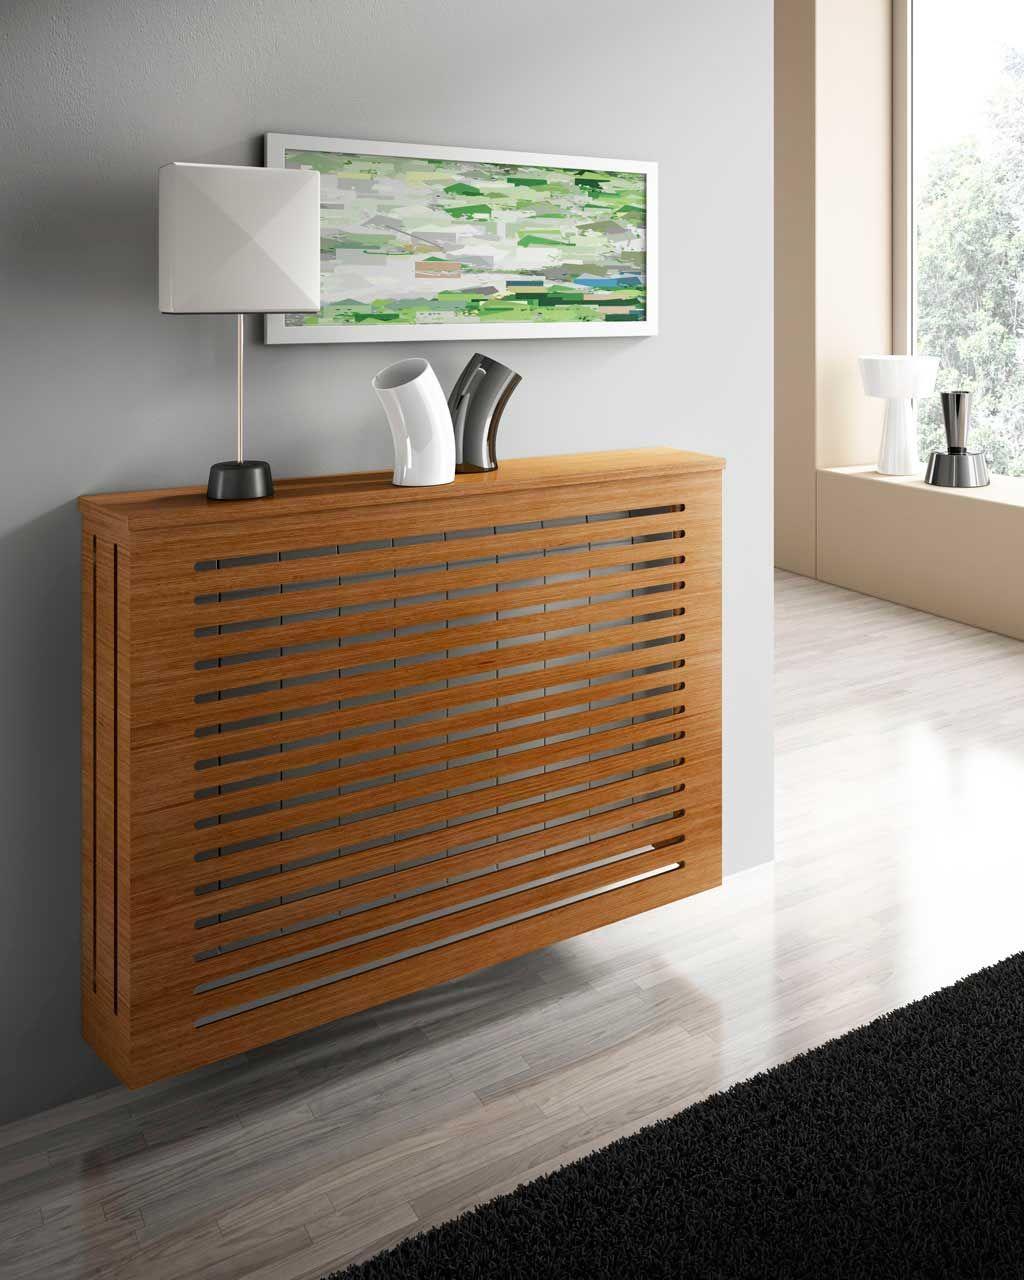 Mueble cubreradiador de dise o acabado blanco y madera for Mueble cubreradiador